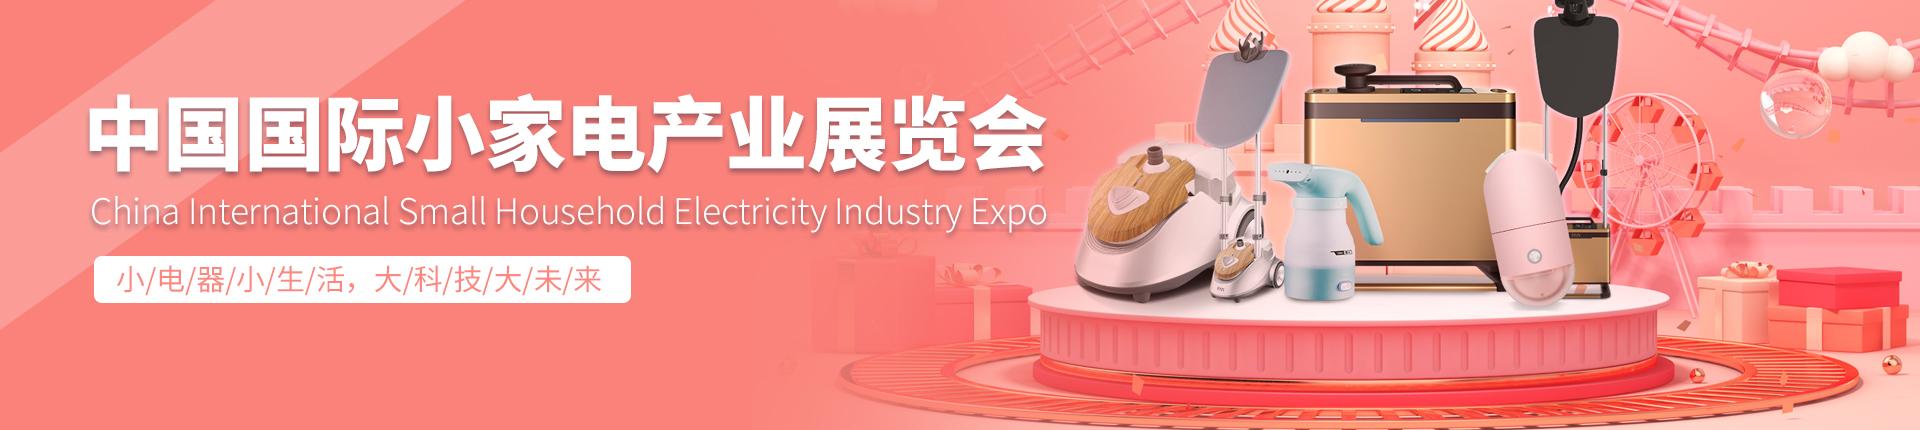 云展·中国国际小家电产业展览会